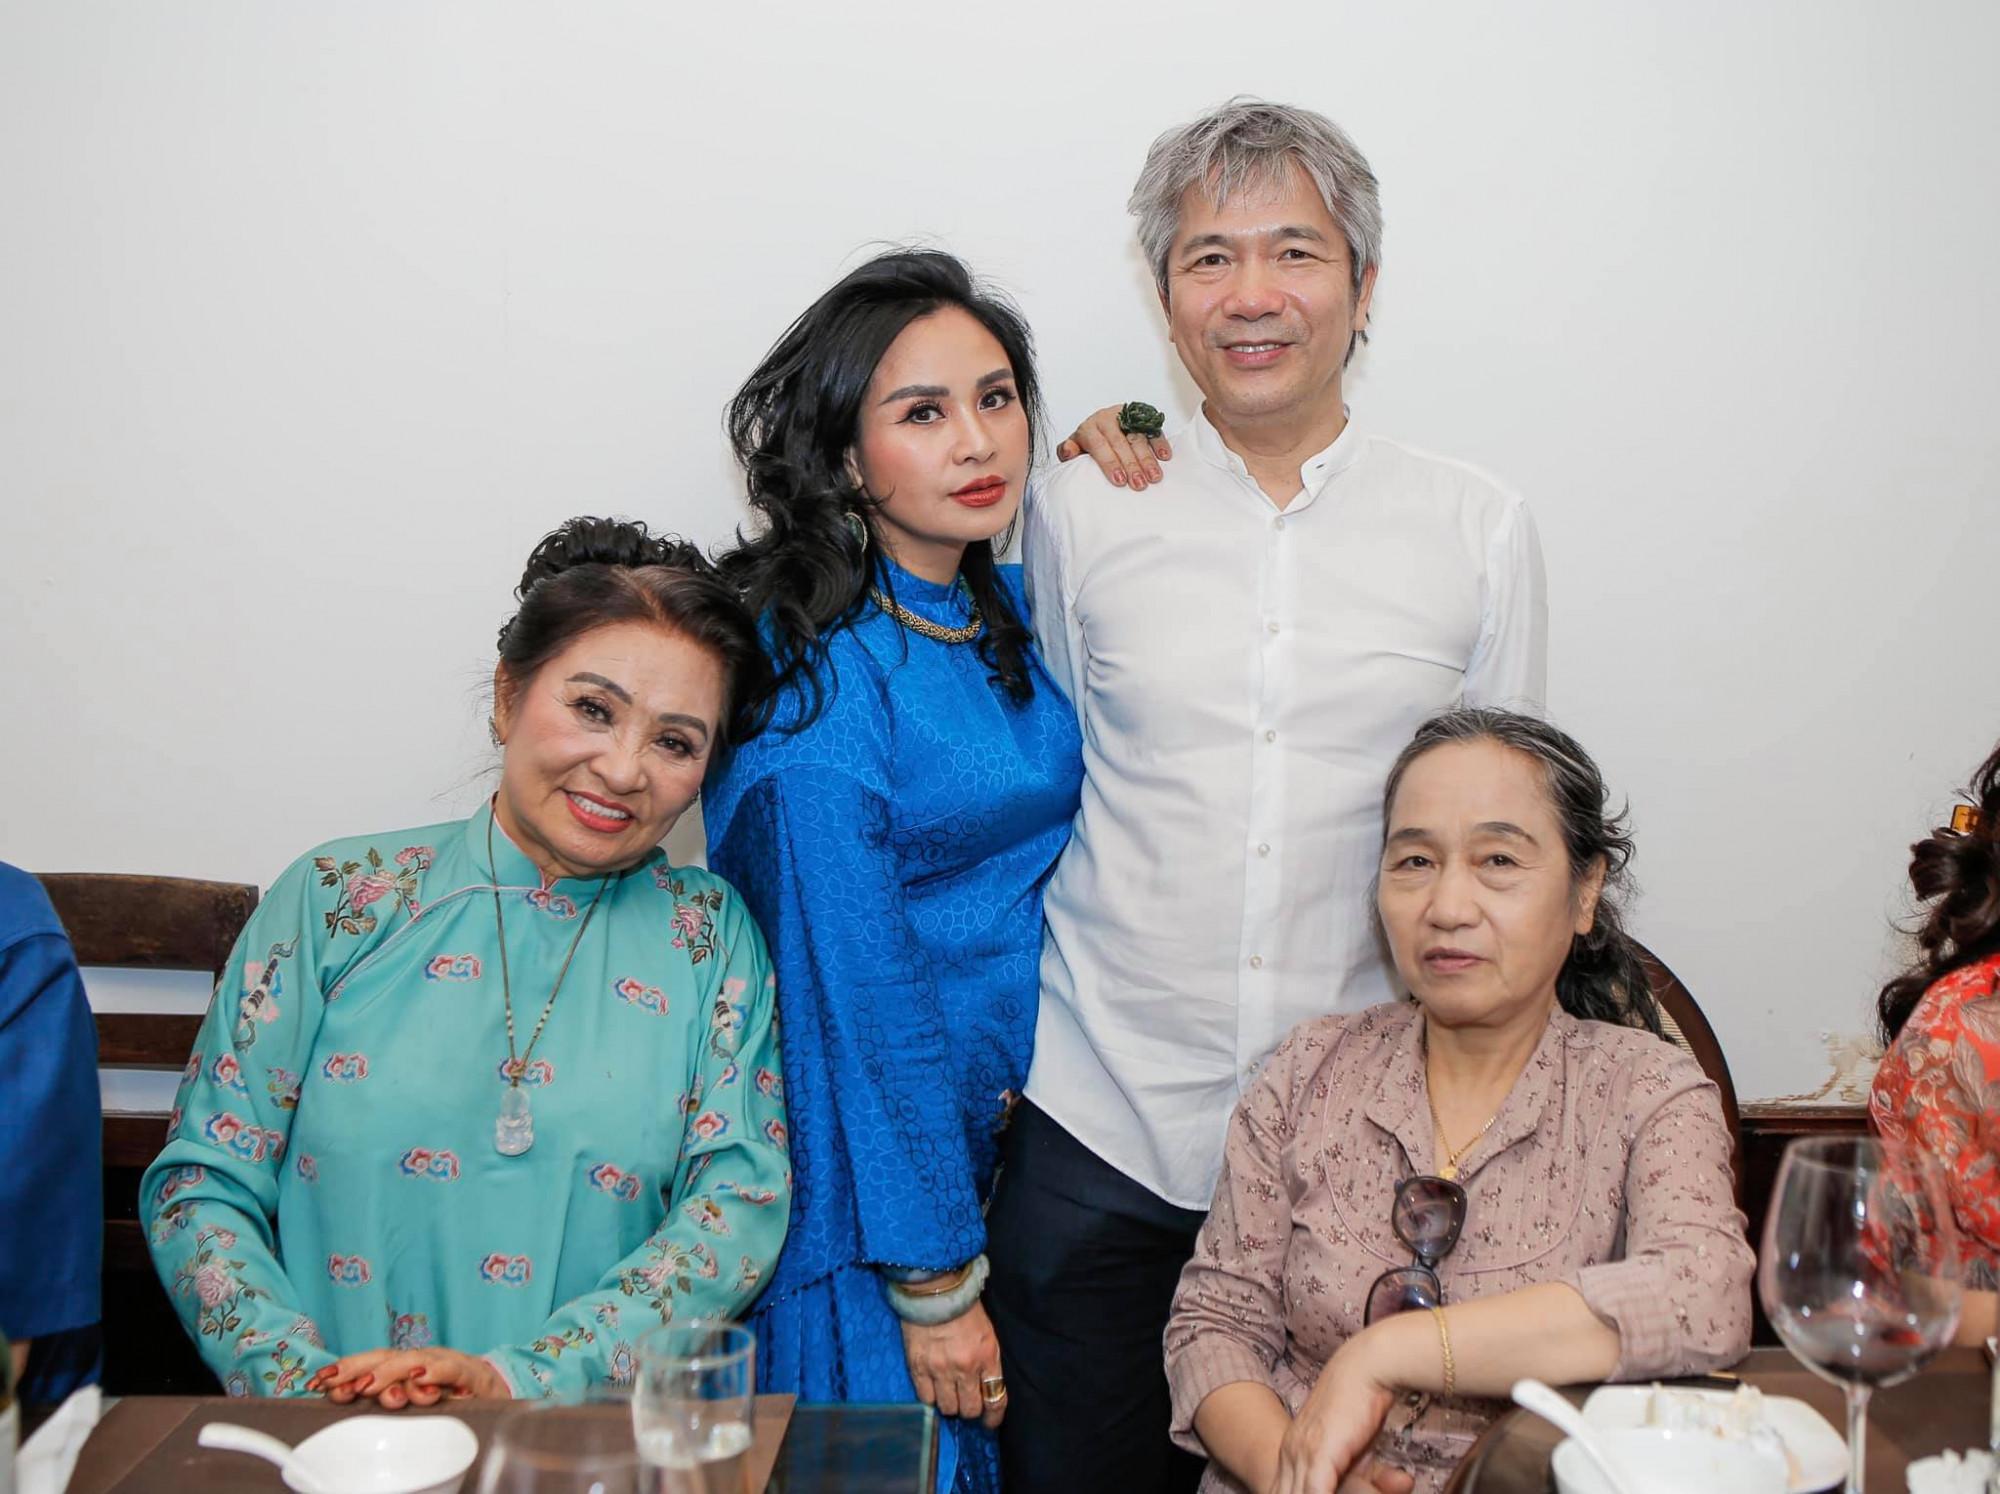 Thanh Lam và bạn trai trong lễ dạm ngõ hôm 19/6